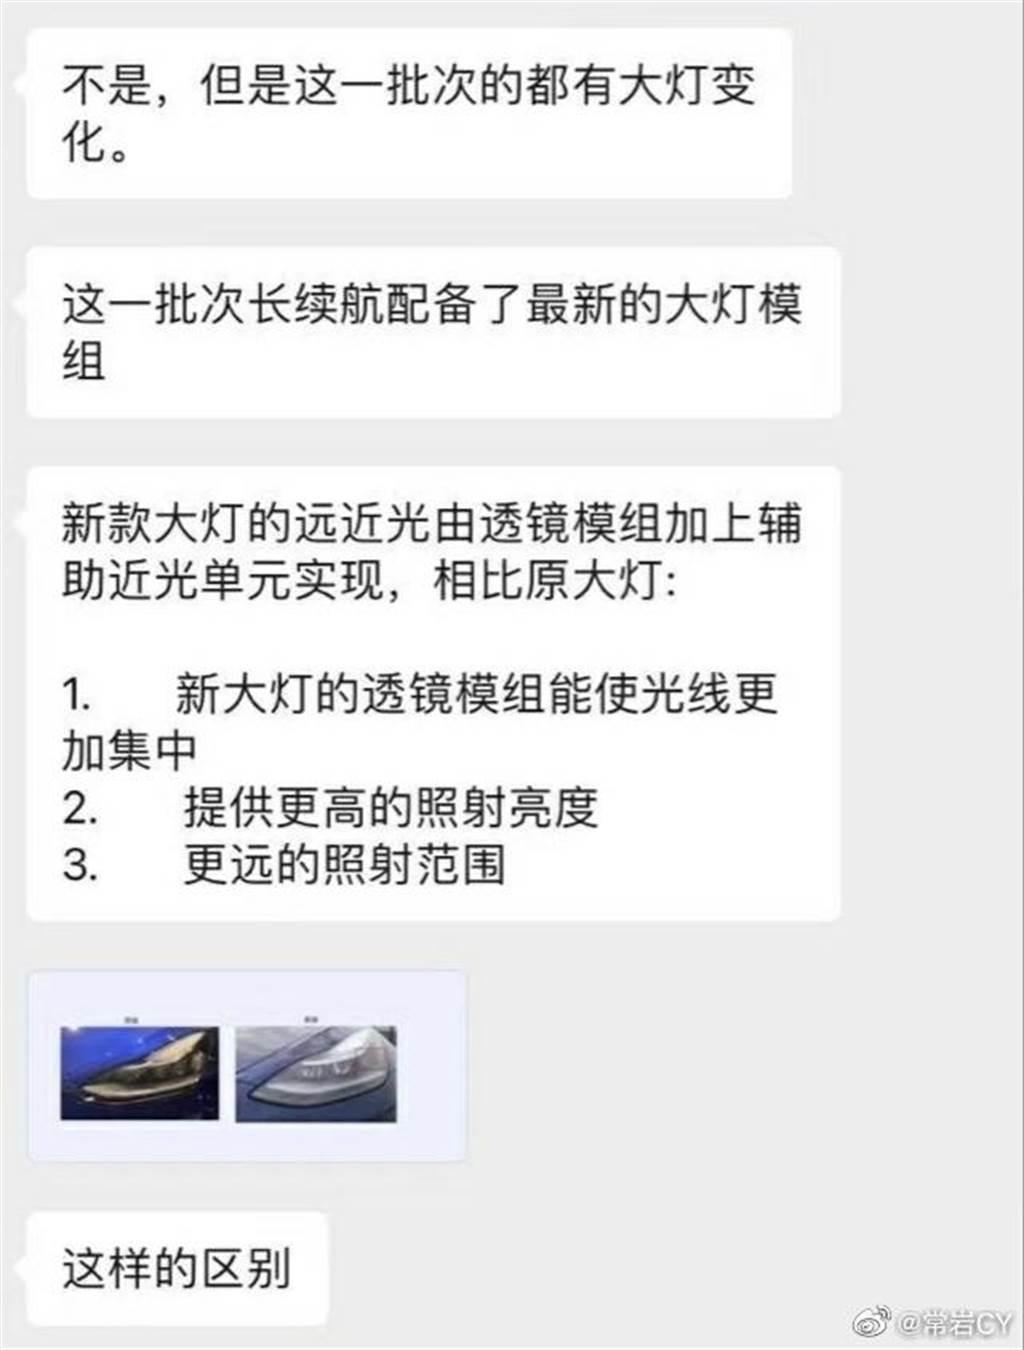 傳說中的 Model 3 新版頭燈已出現在中國車型:更遠、更亮、更集中